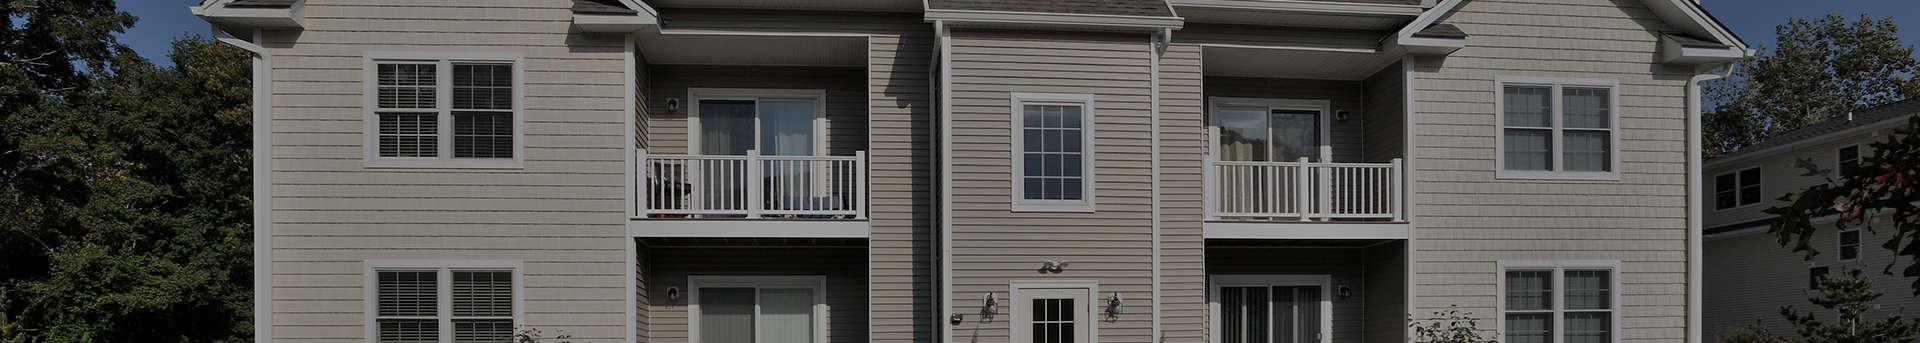 Multi family back fuller modular homes for Multi family modular homes prices